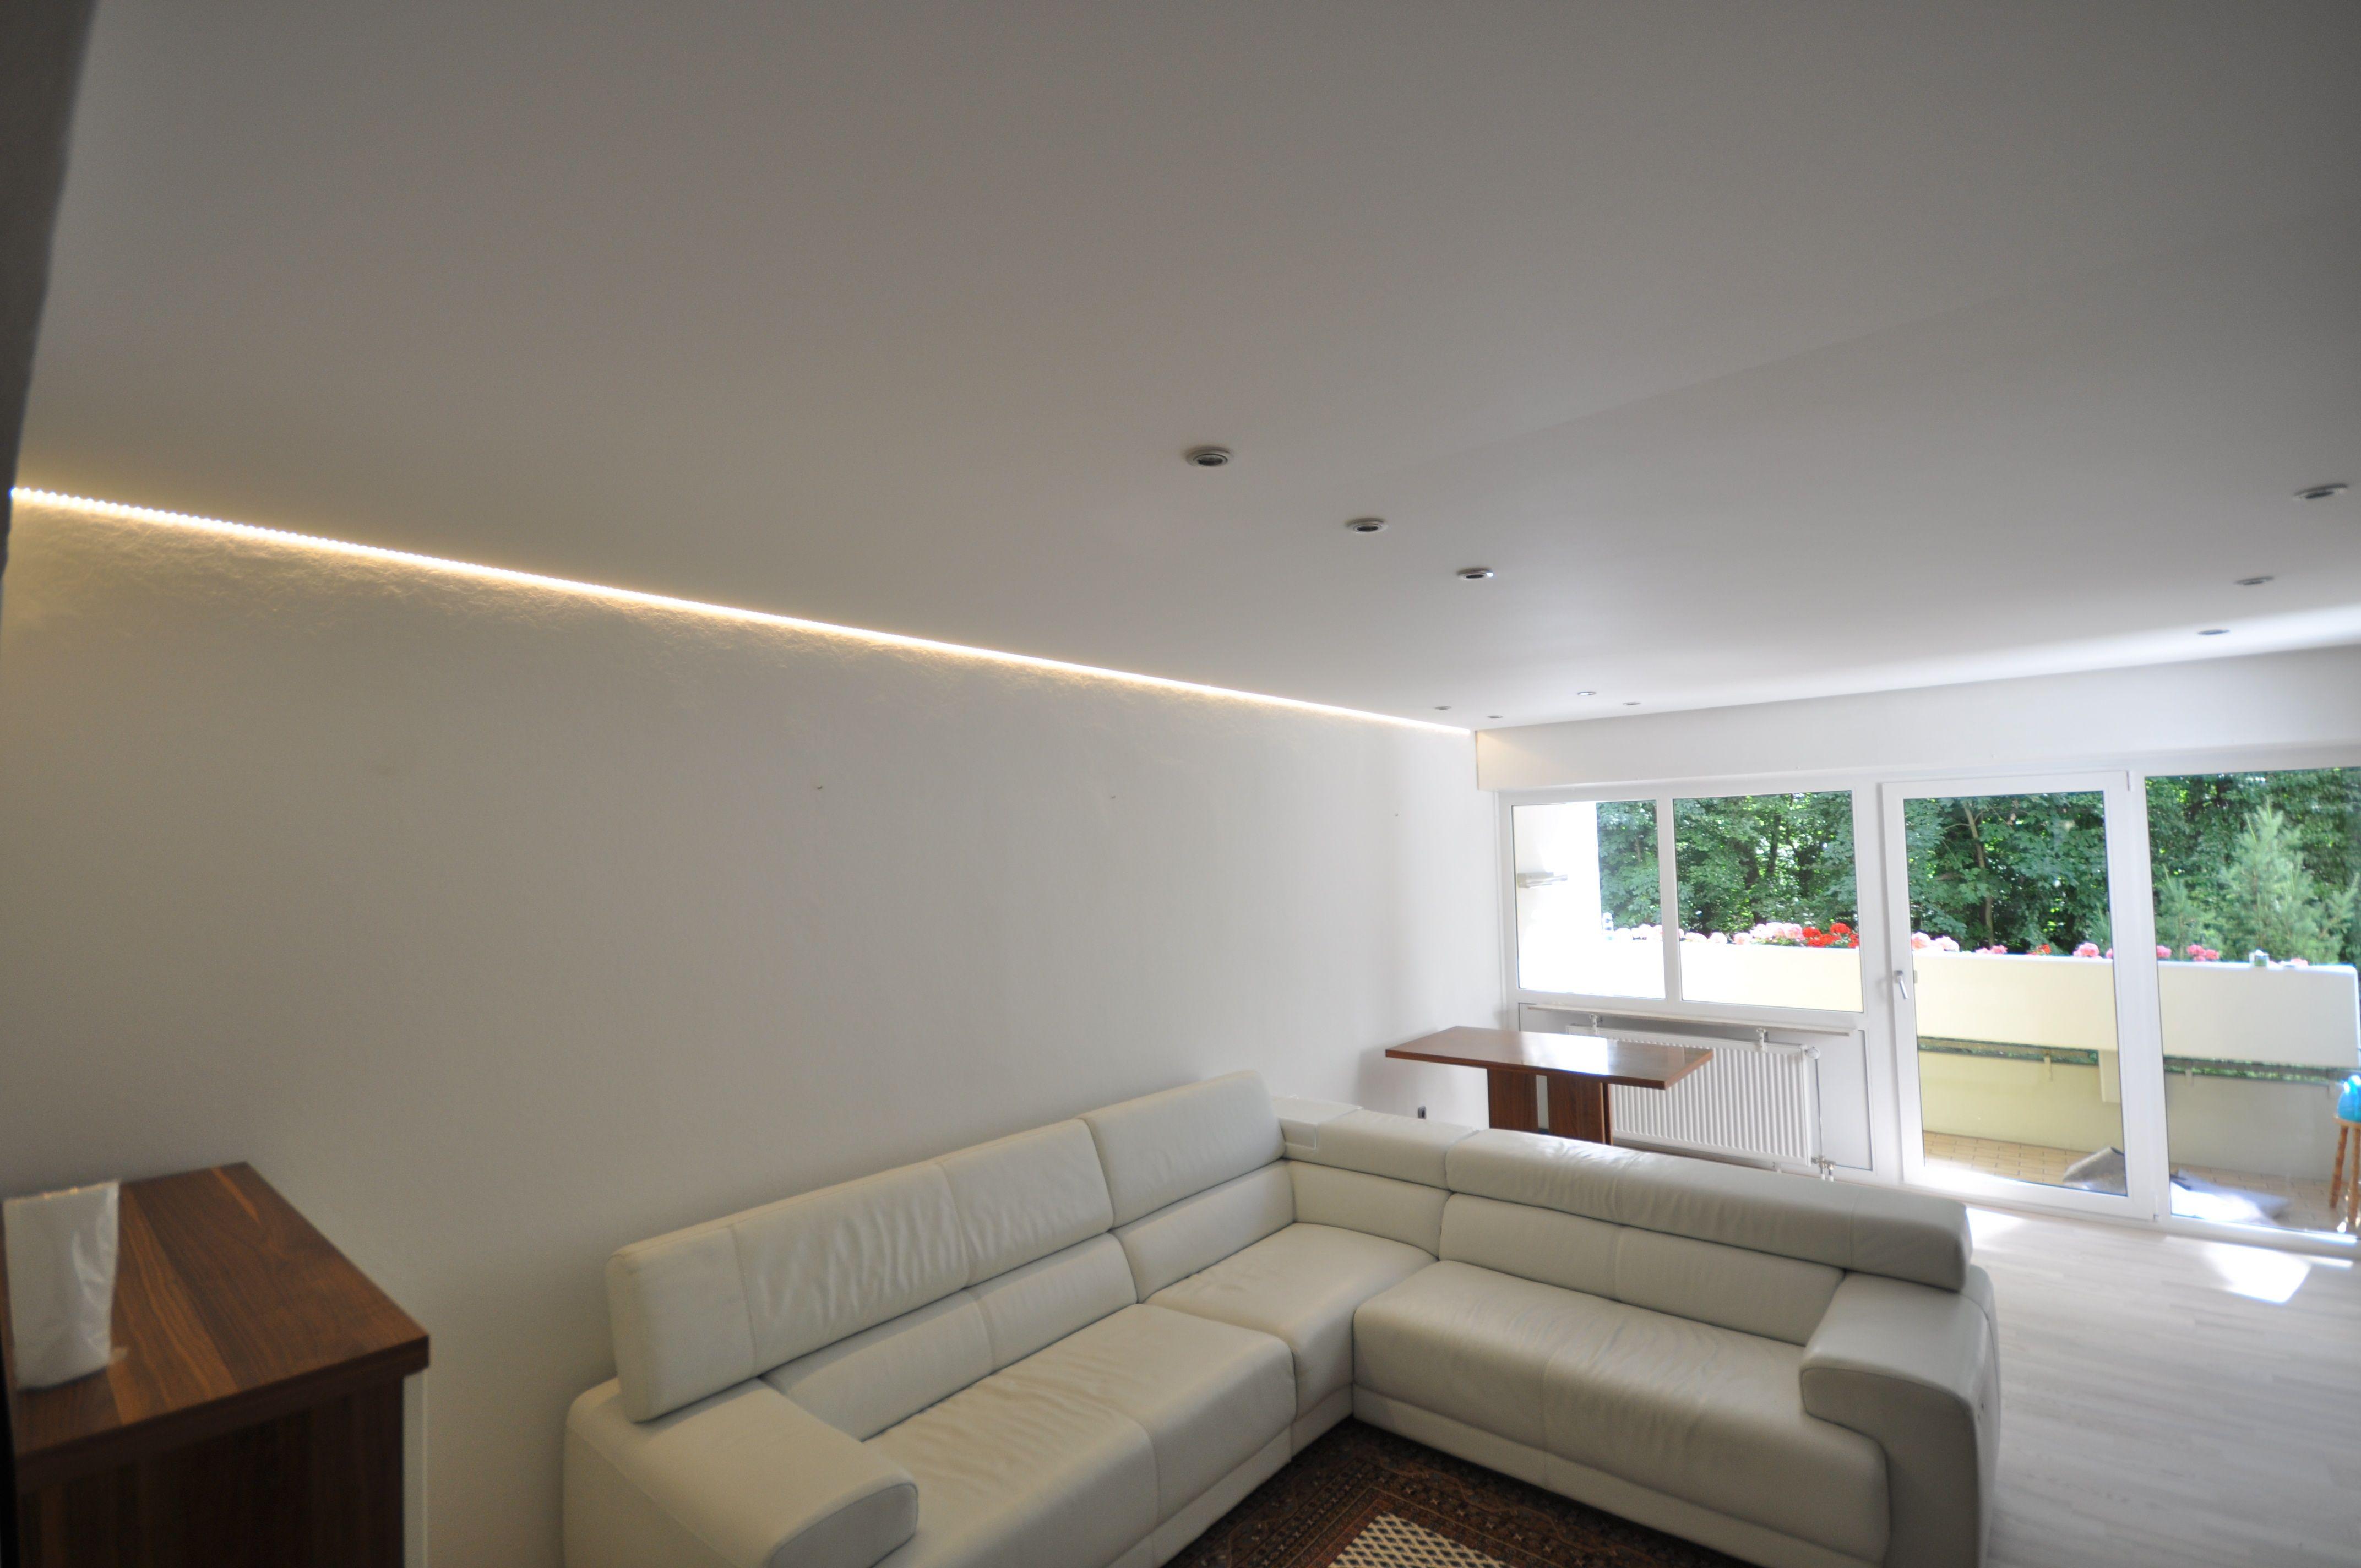 Spanndecken in matt weiß mit LED Einbaustrahlern und LED